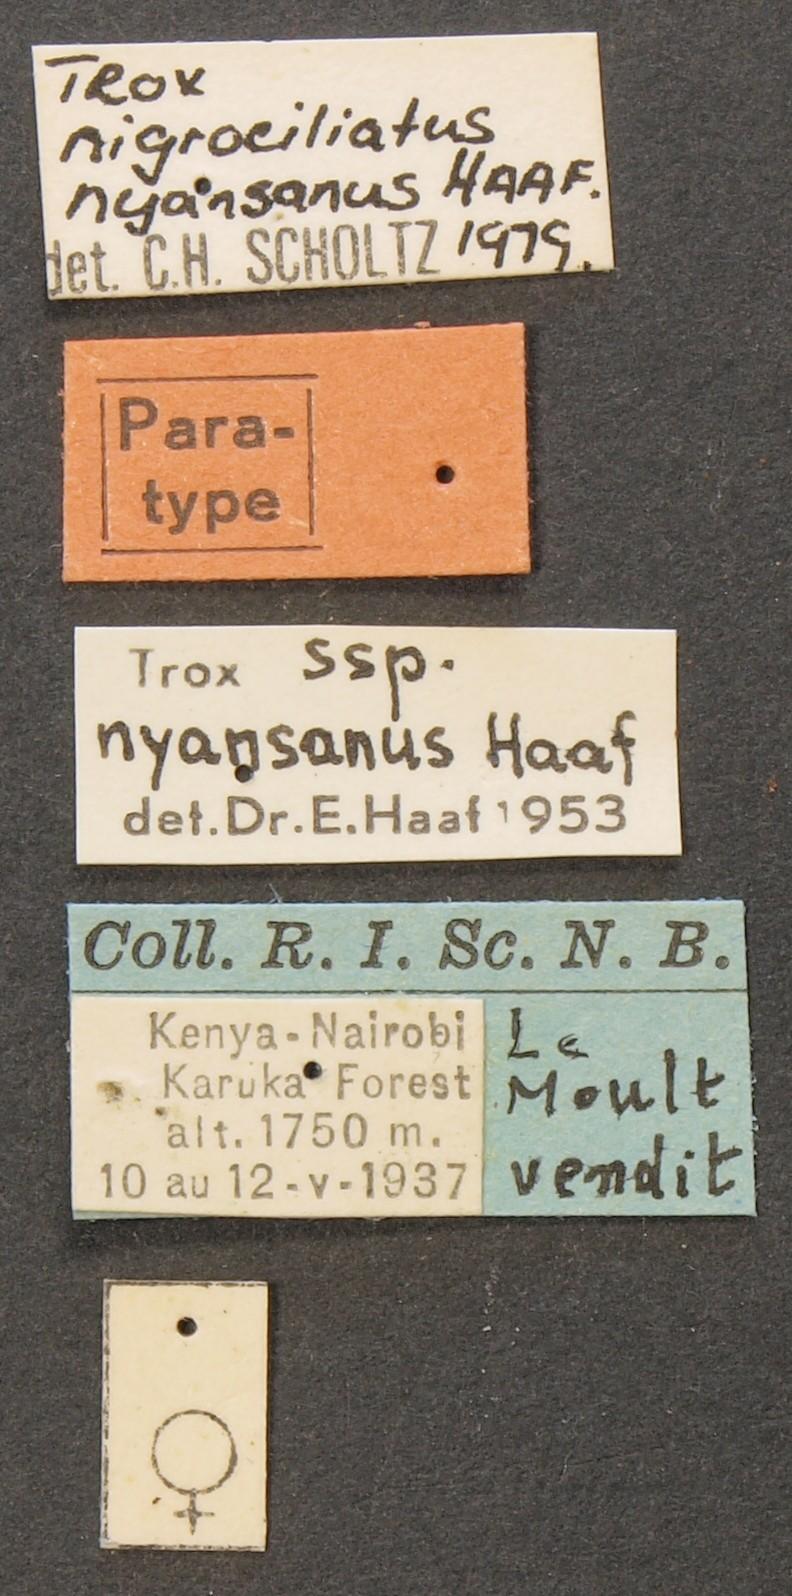 Trox nigrociliatus nyansanus pt Lb.JPG